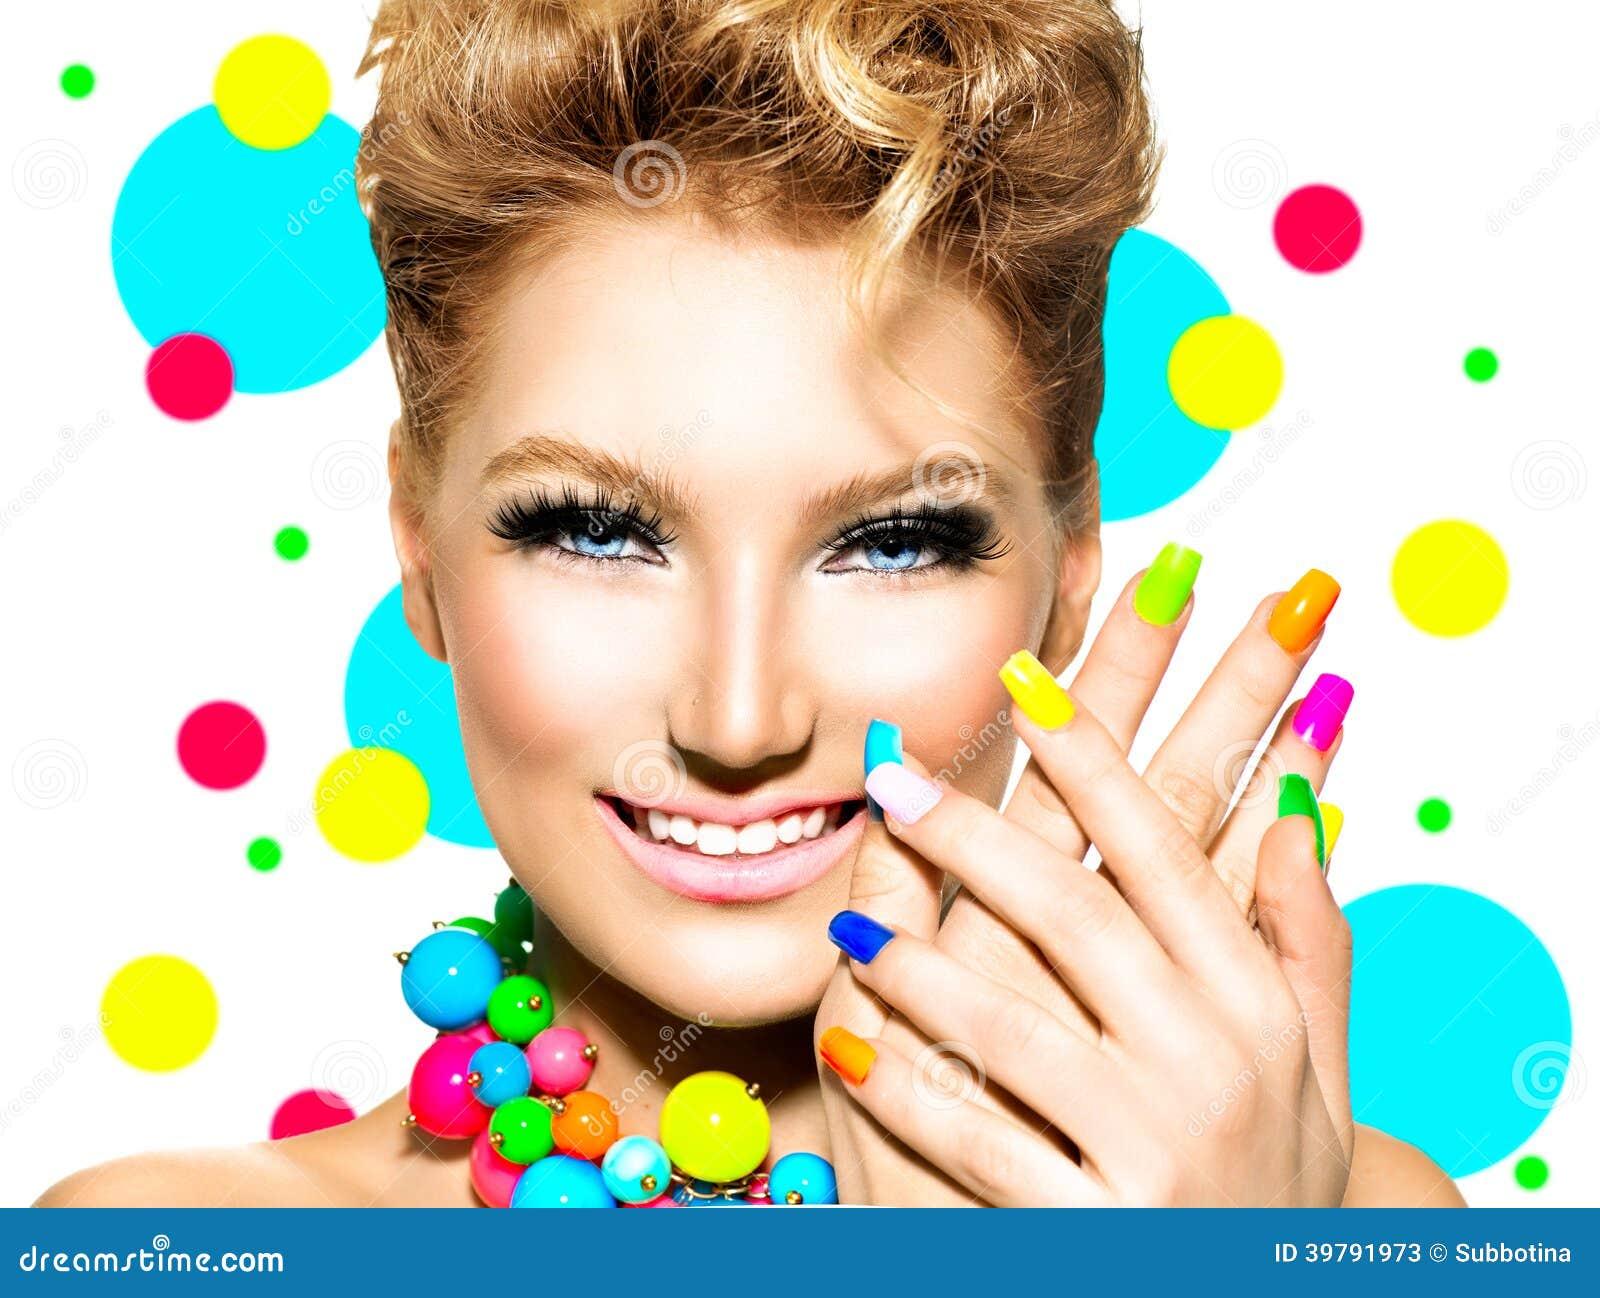 fille de beaut avec le maquillage color vernis ongles - Colori Maquillage